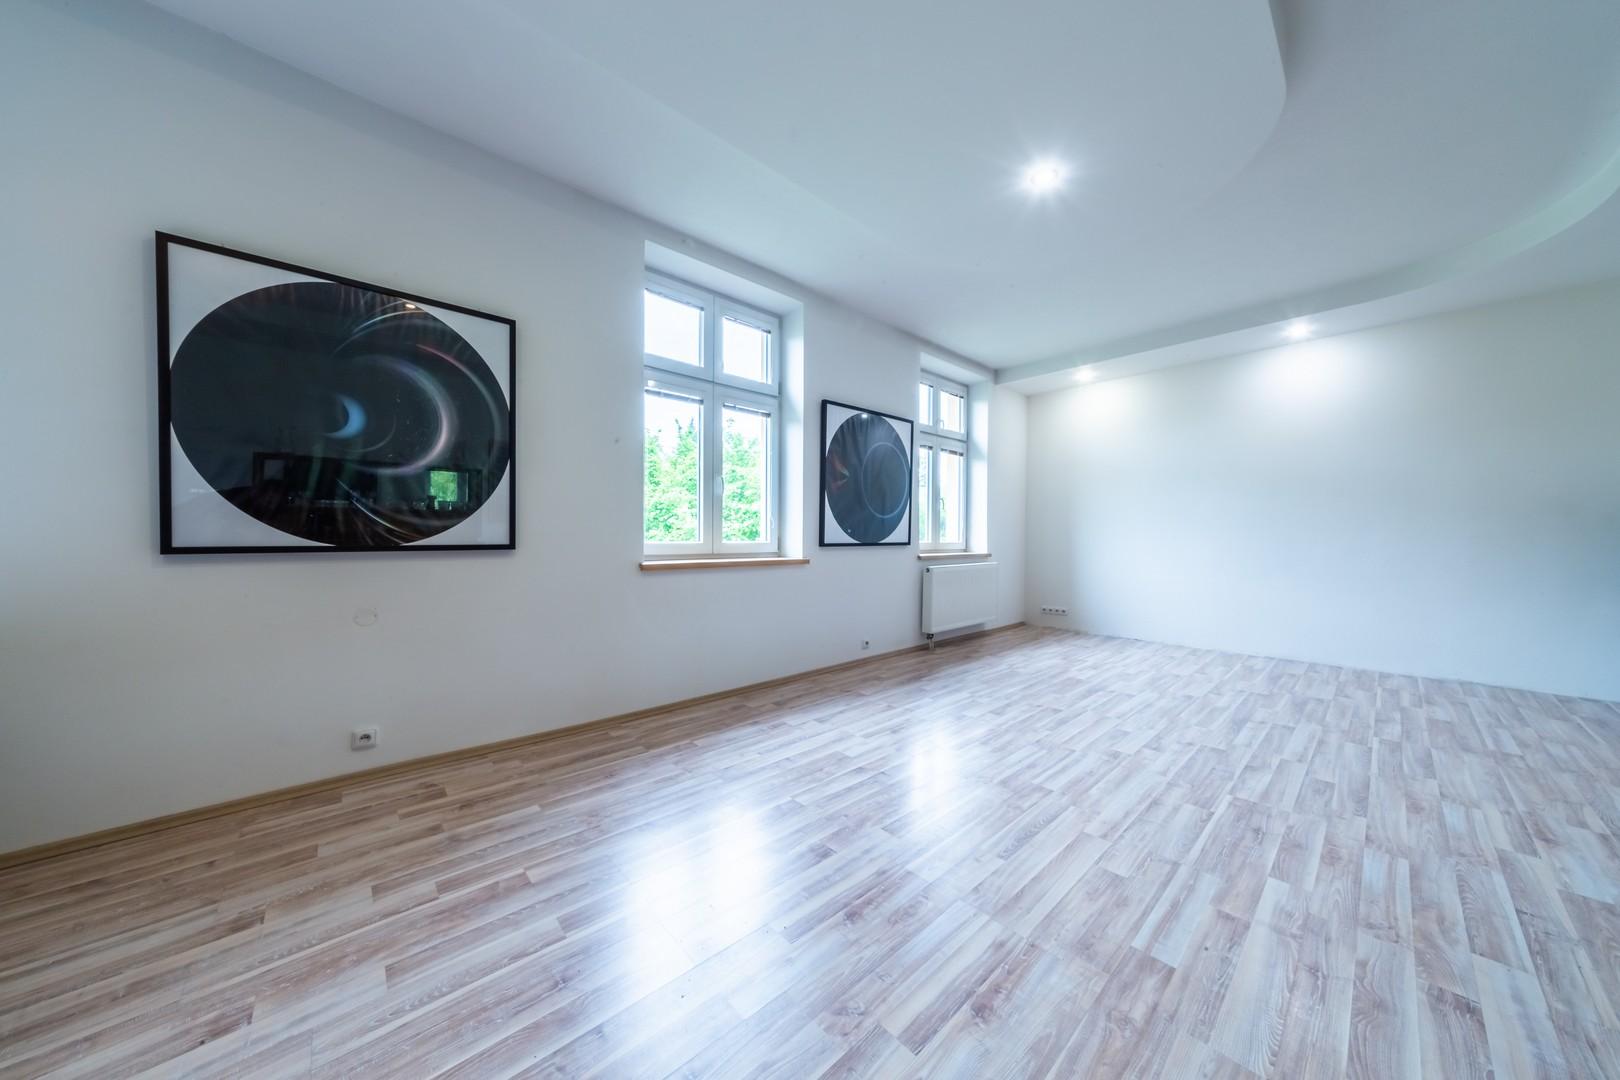 obyvak okno obraz radiator okno svetlo podhled